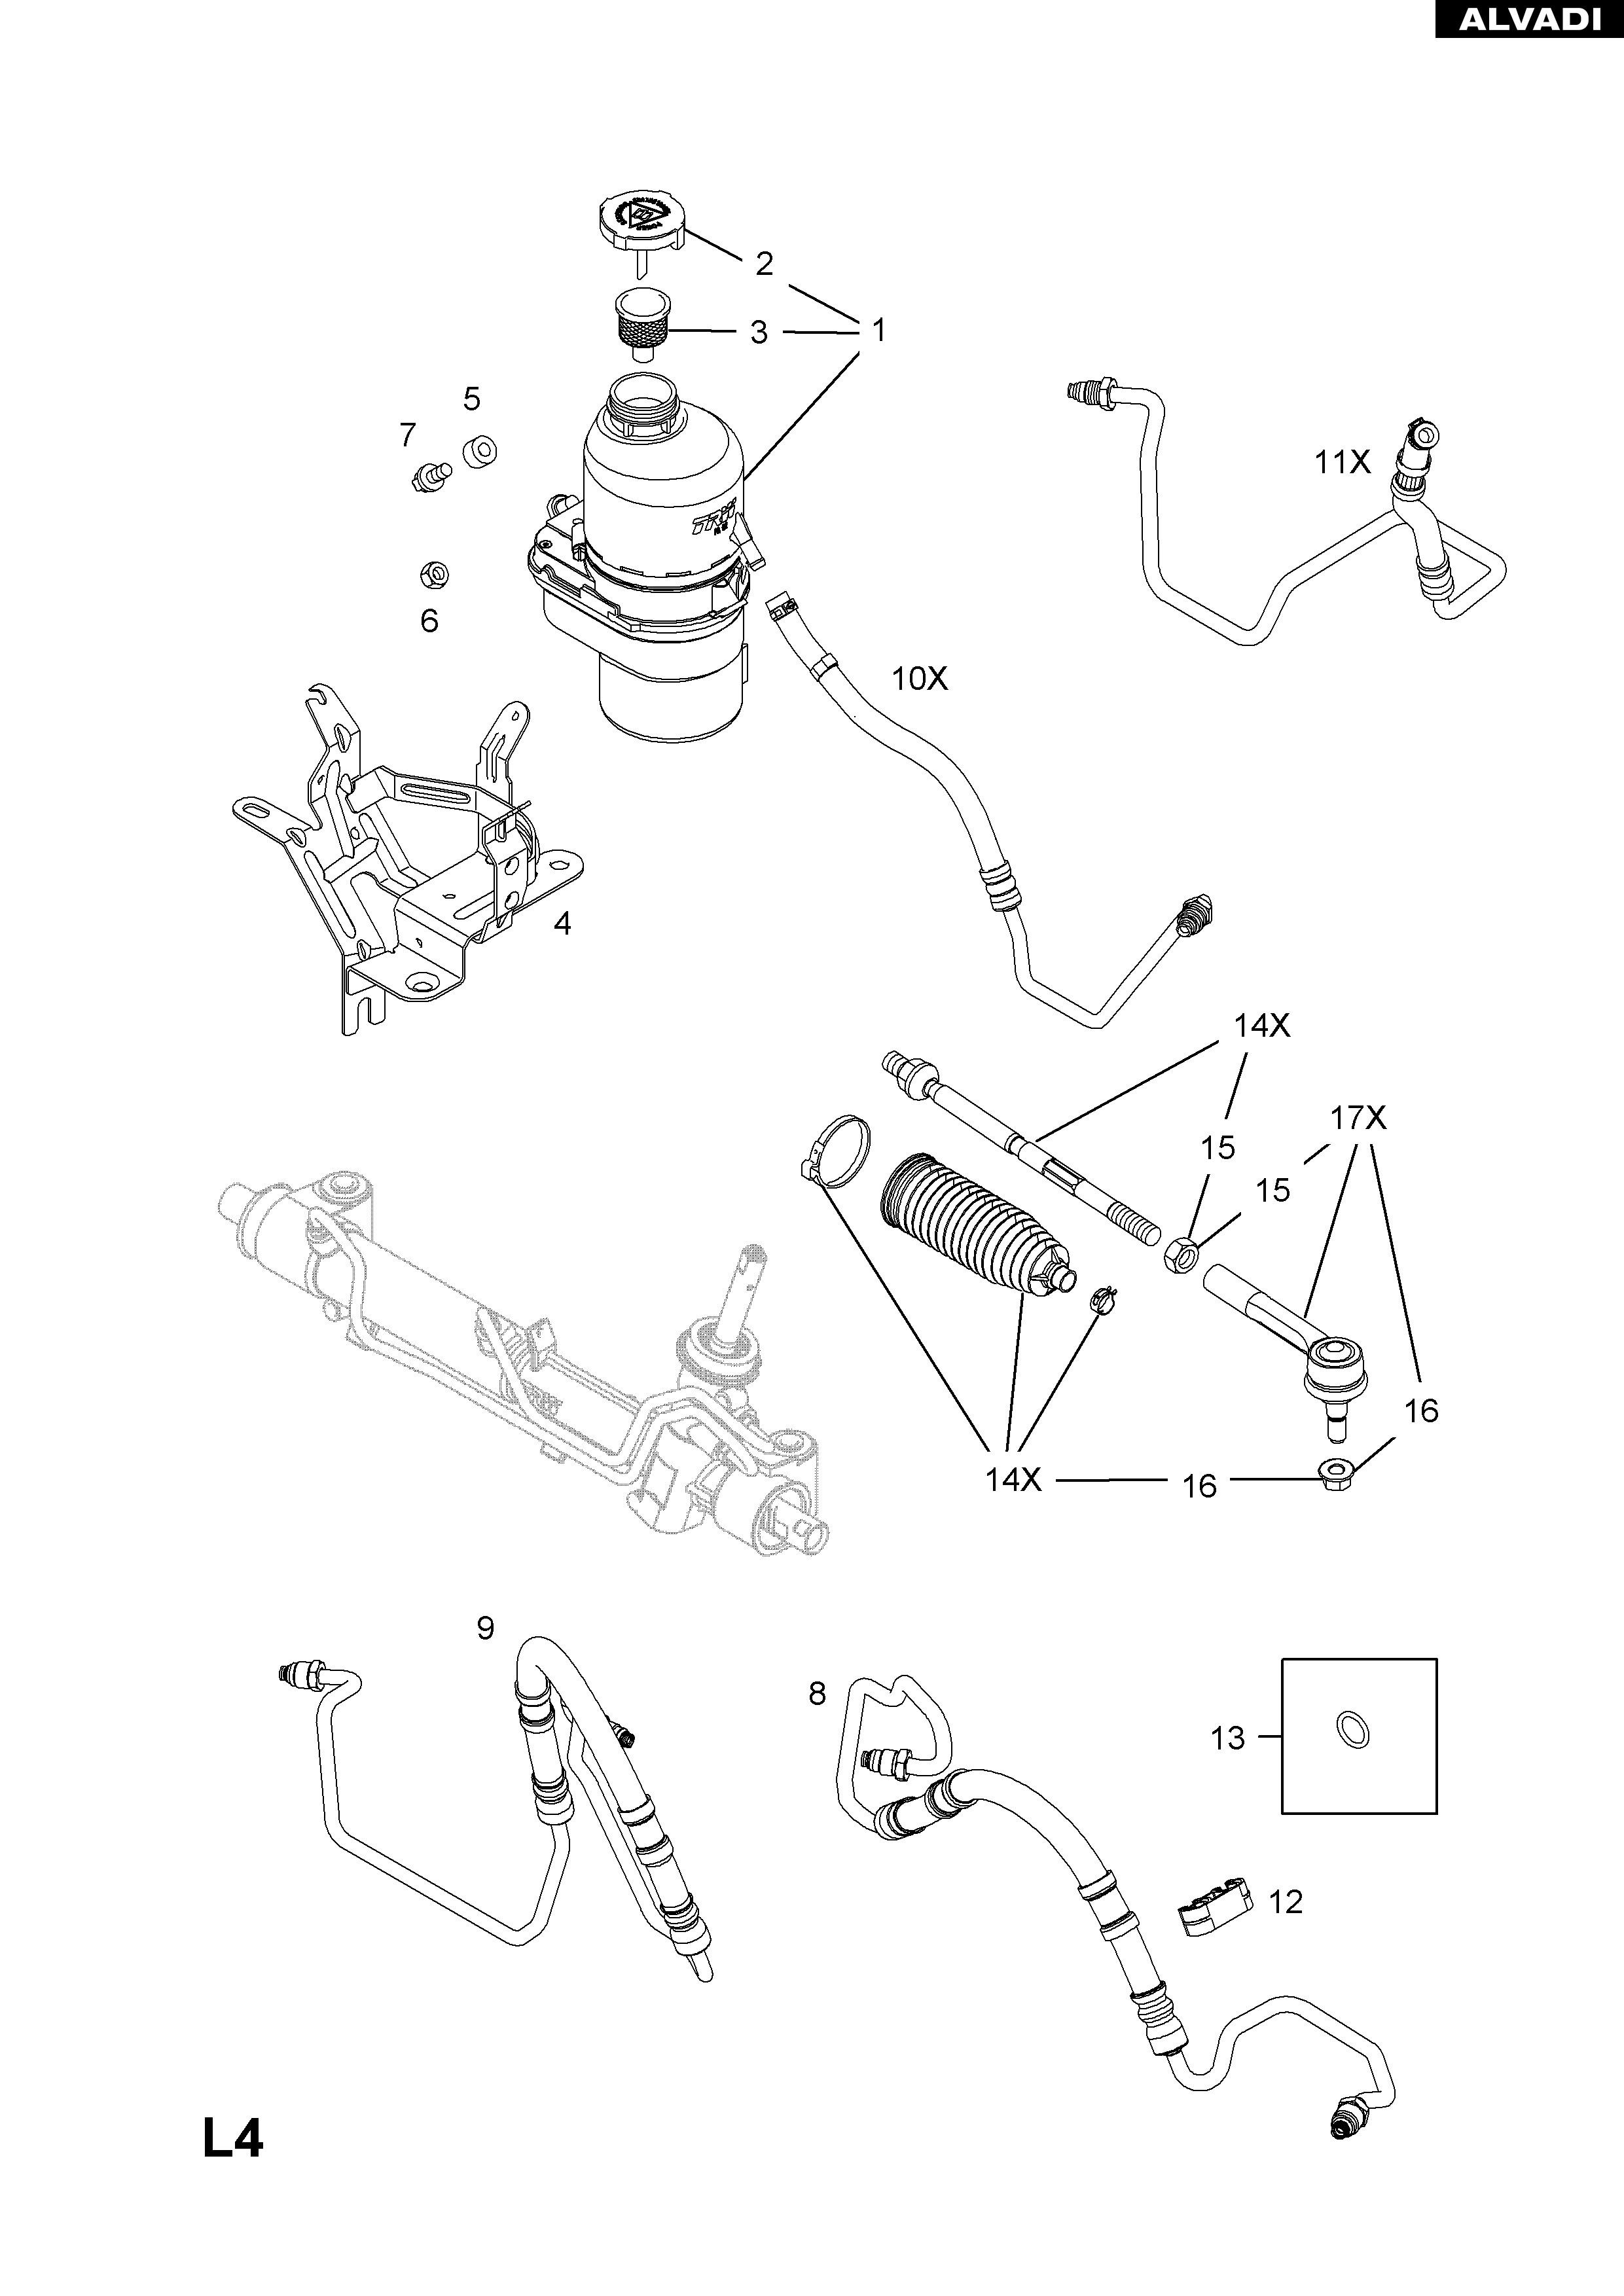 Power Steering Line Diagram Opel Power Steering Pump Of Power Steering Line Diagram